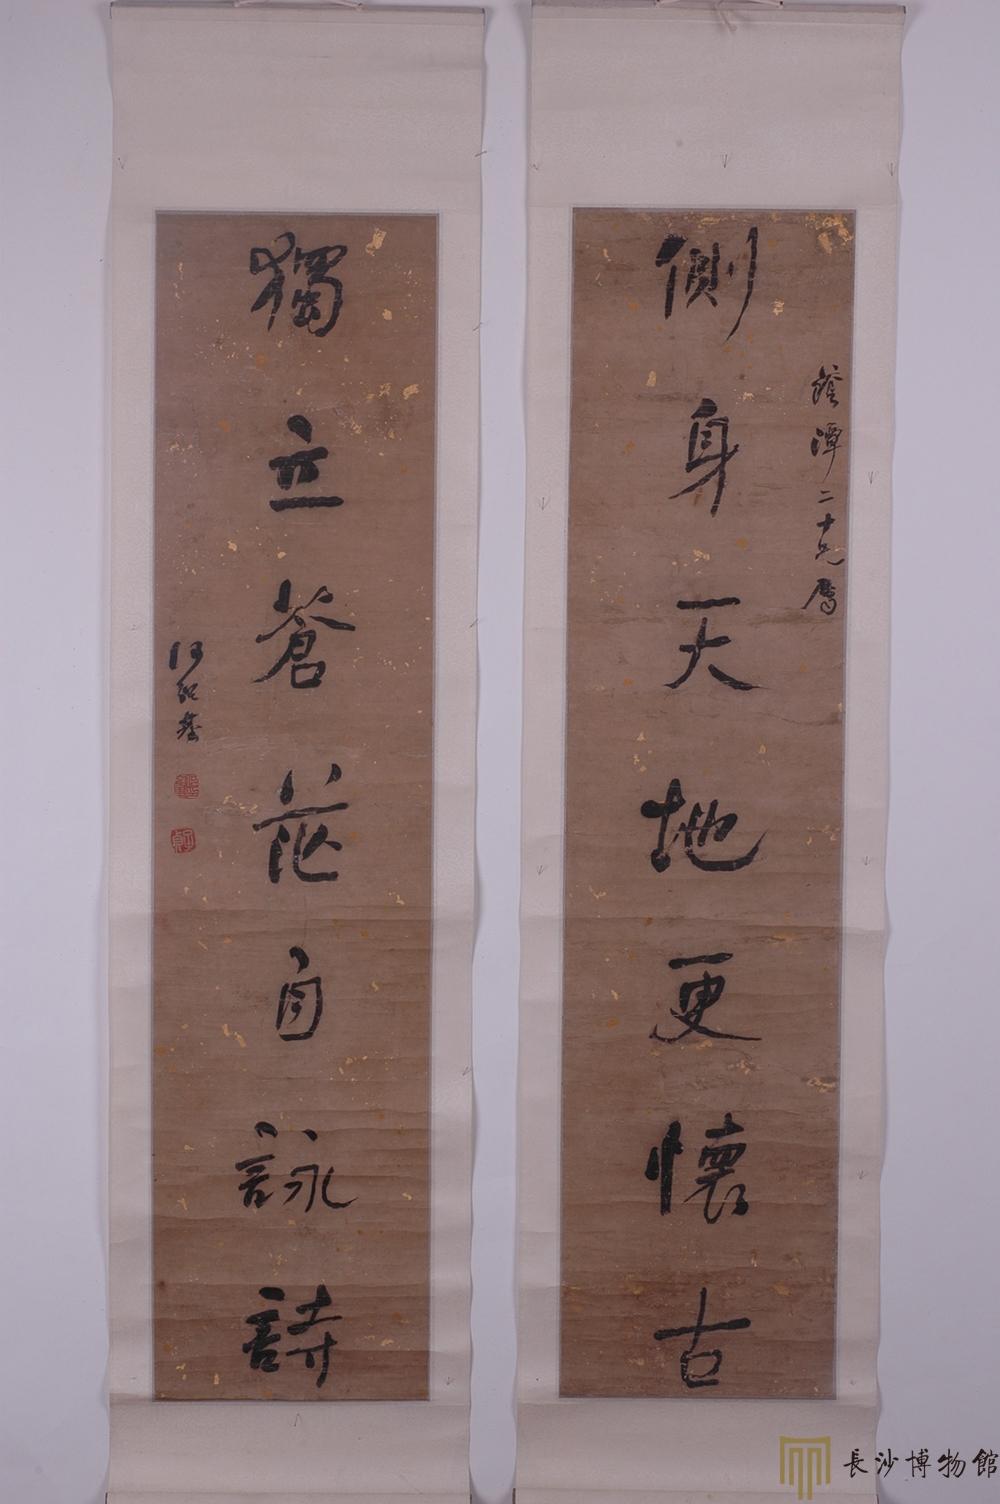 何绍基《行书侧身独立七言联》 长沙博物馆藏